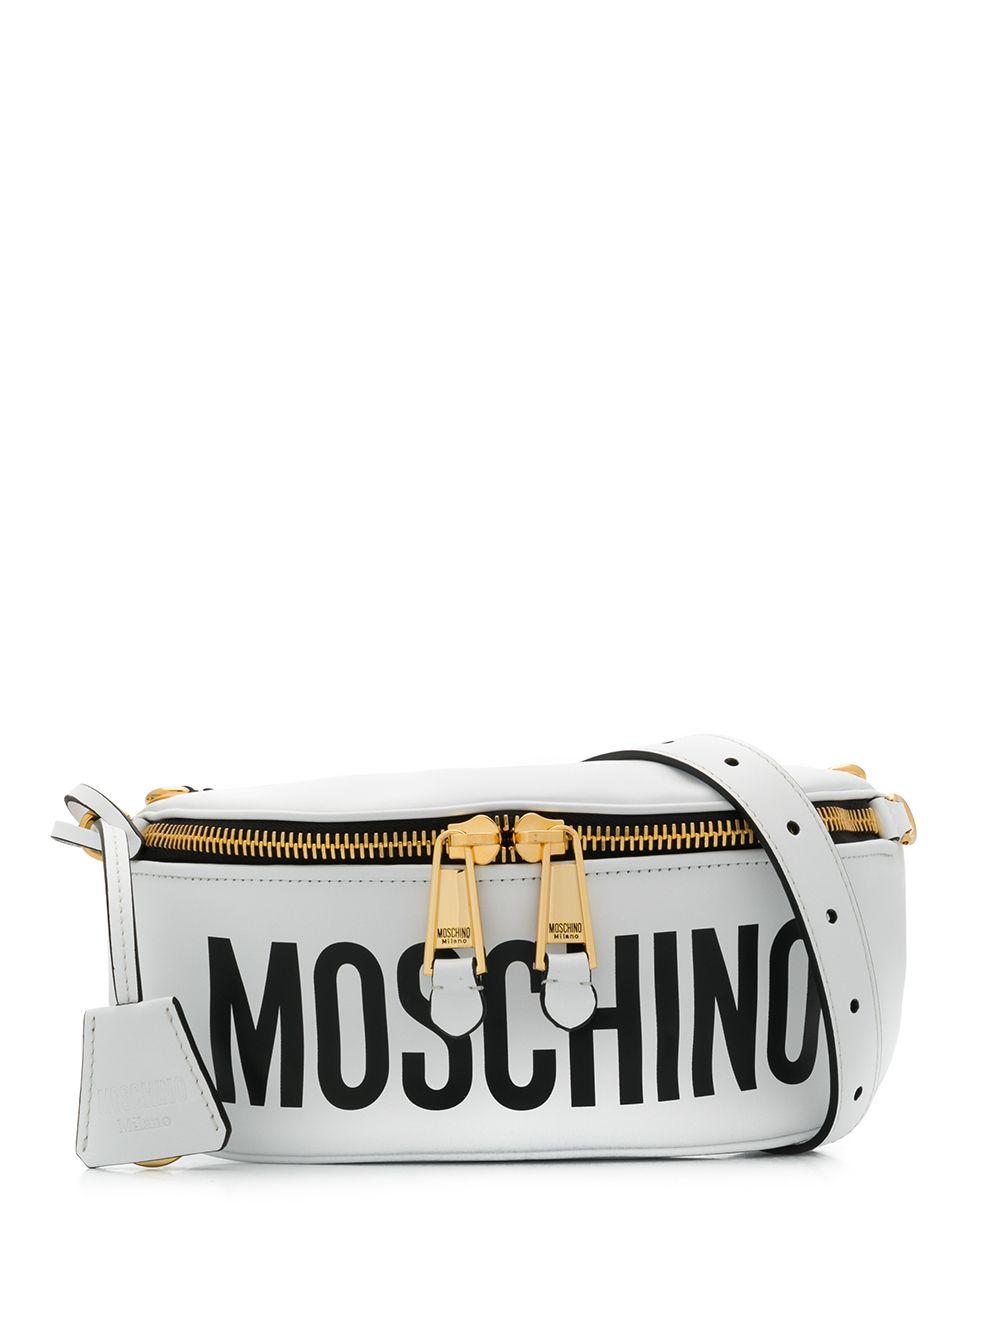 Moschino Gürteltasche mit Logo - Weiß